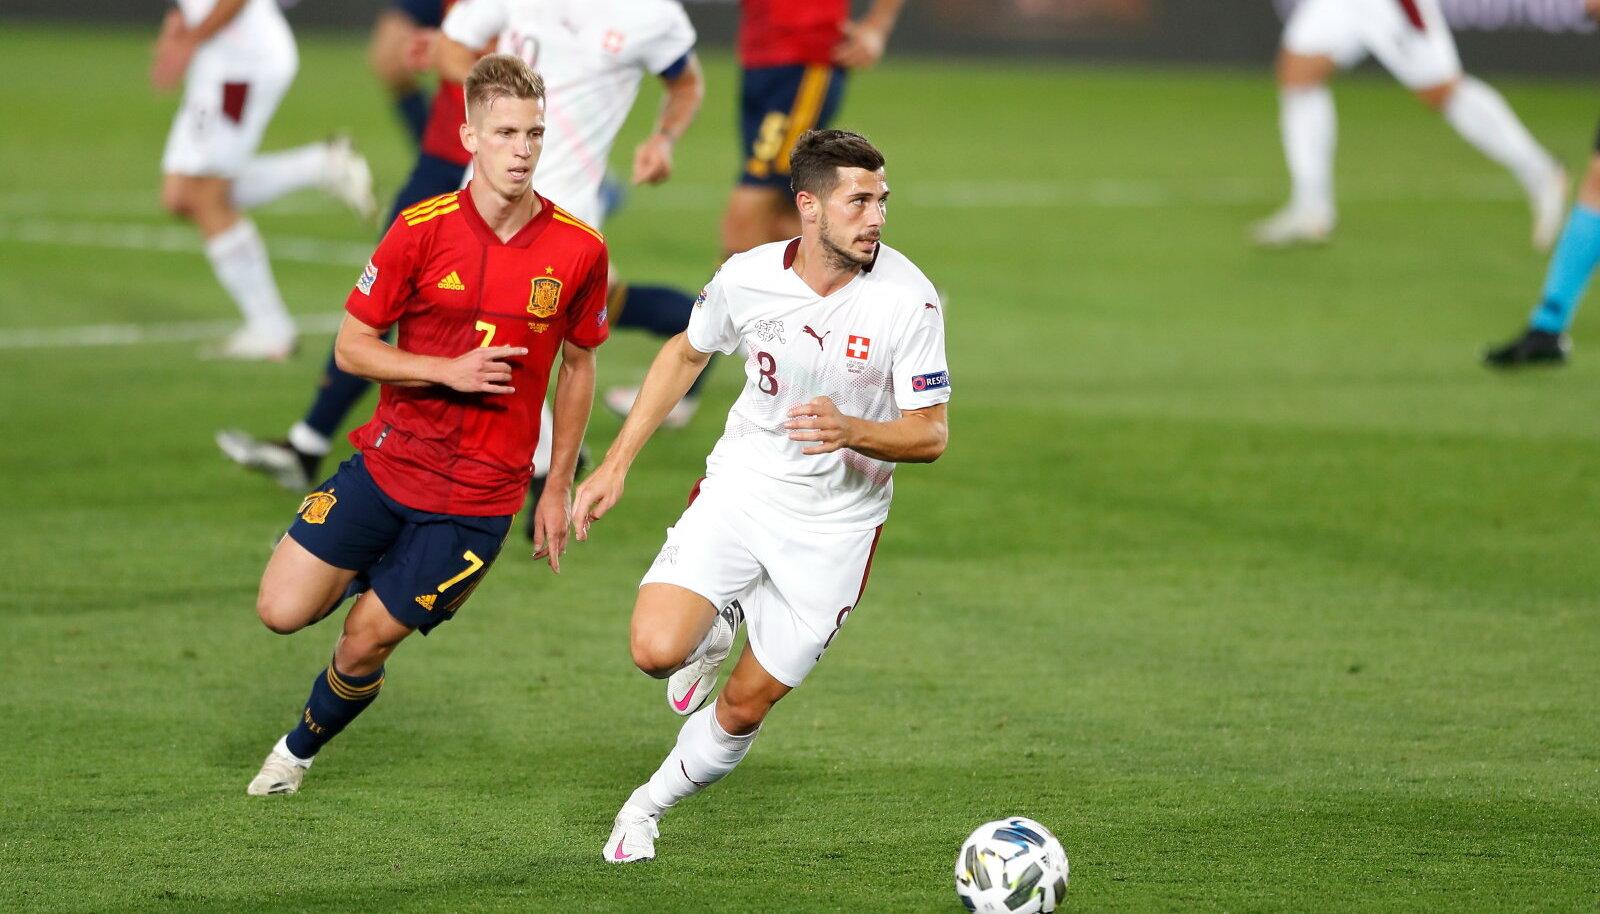 Дани Ольмо (слева) из сборной Испании против Ремо Фройлера